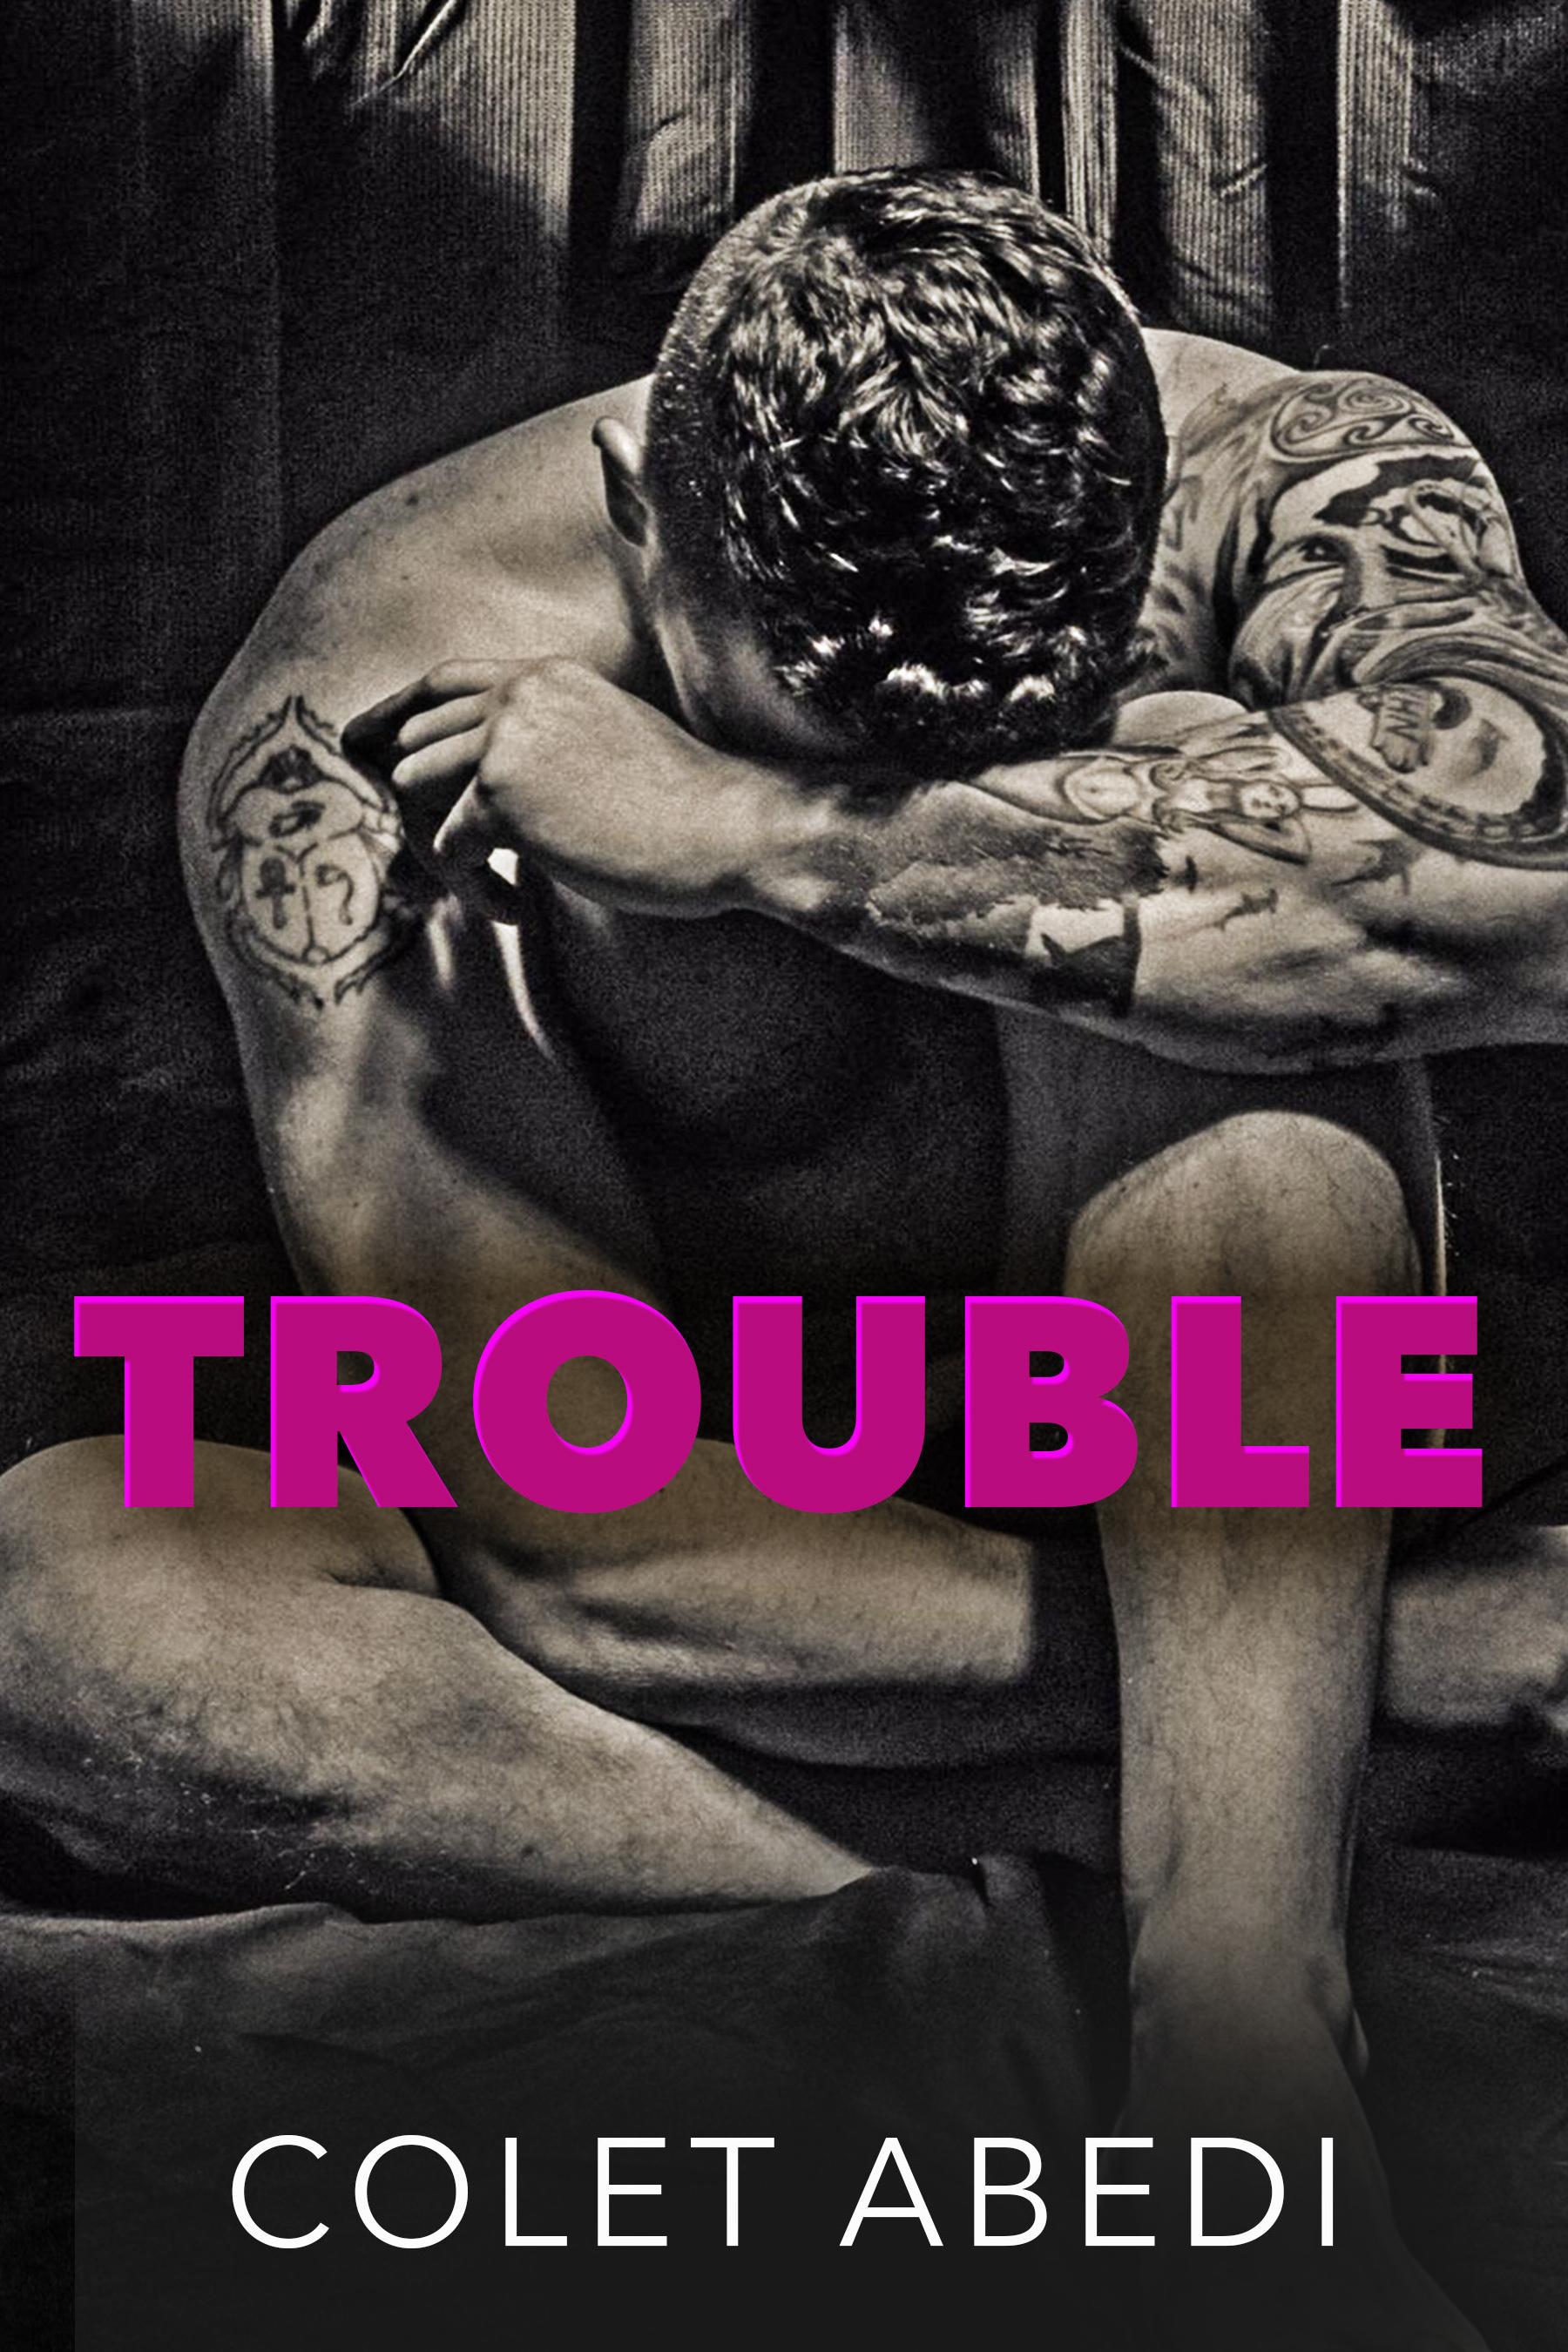 Copy of Trouble_eBook_HighRes.jpg